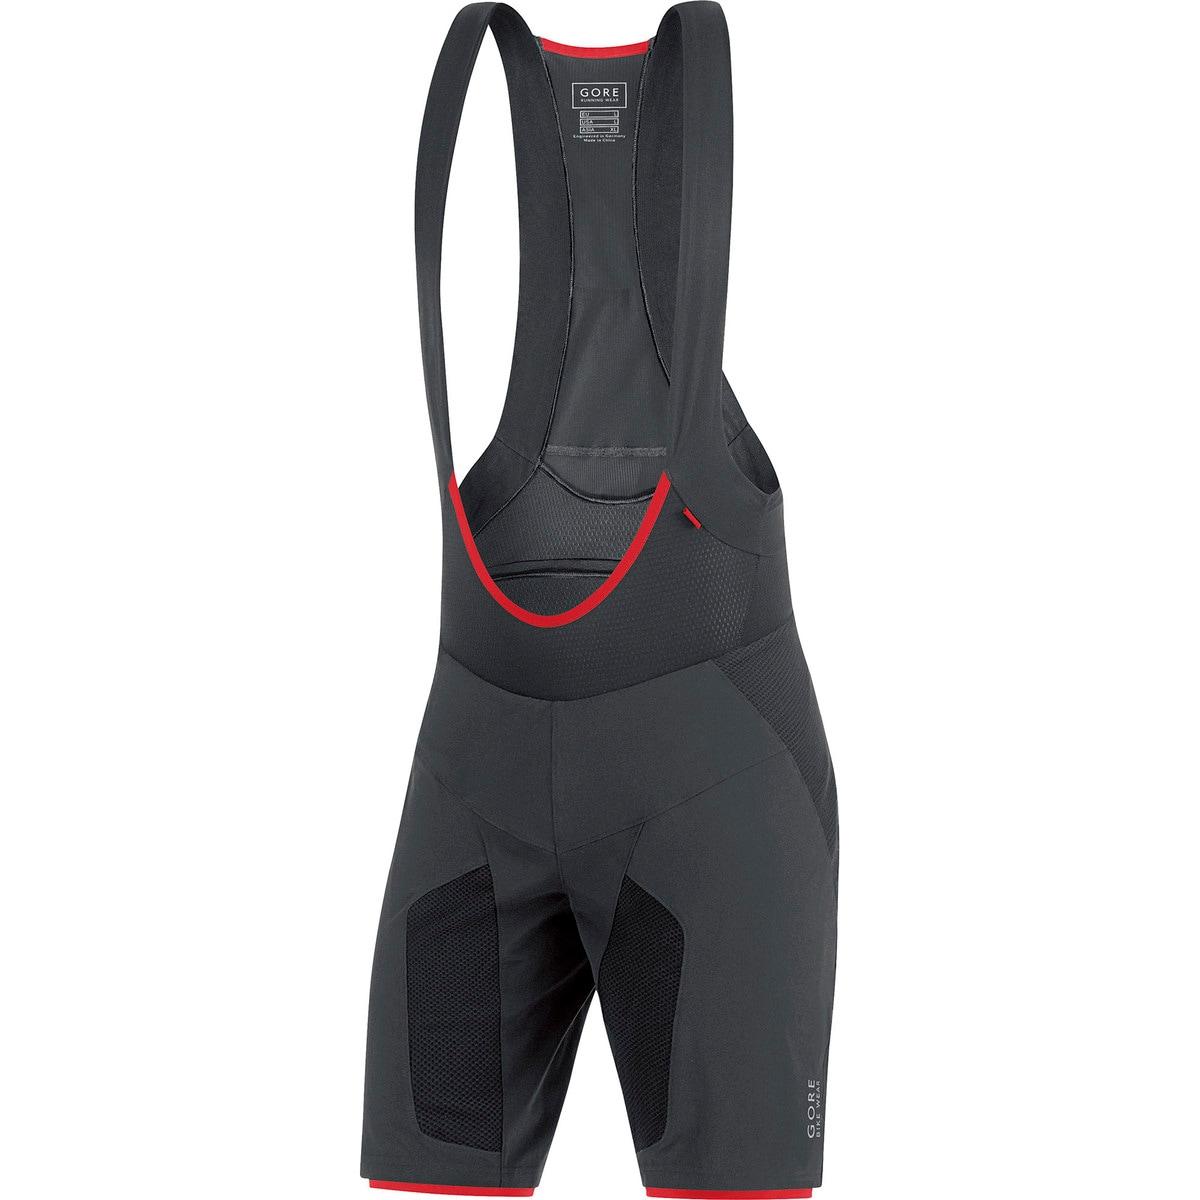 Gore Bike Wear Alp-X Pro 2-in-1 Shorts - Men's